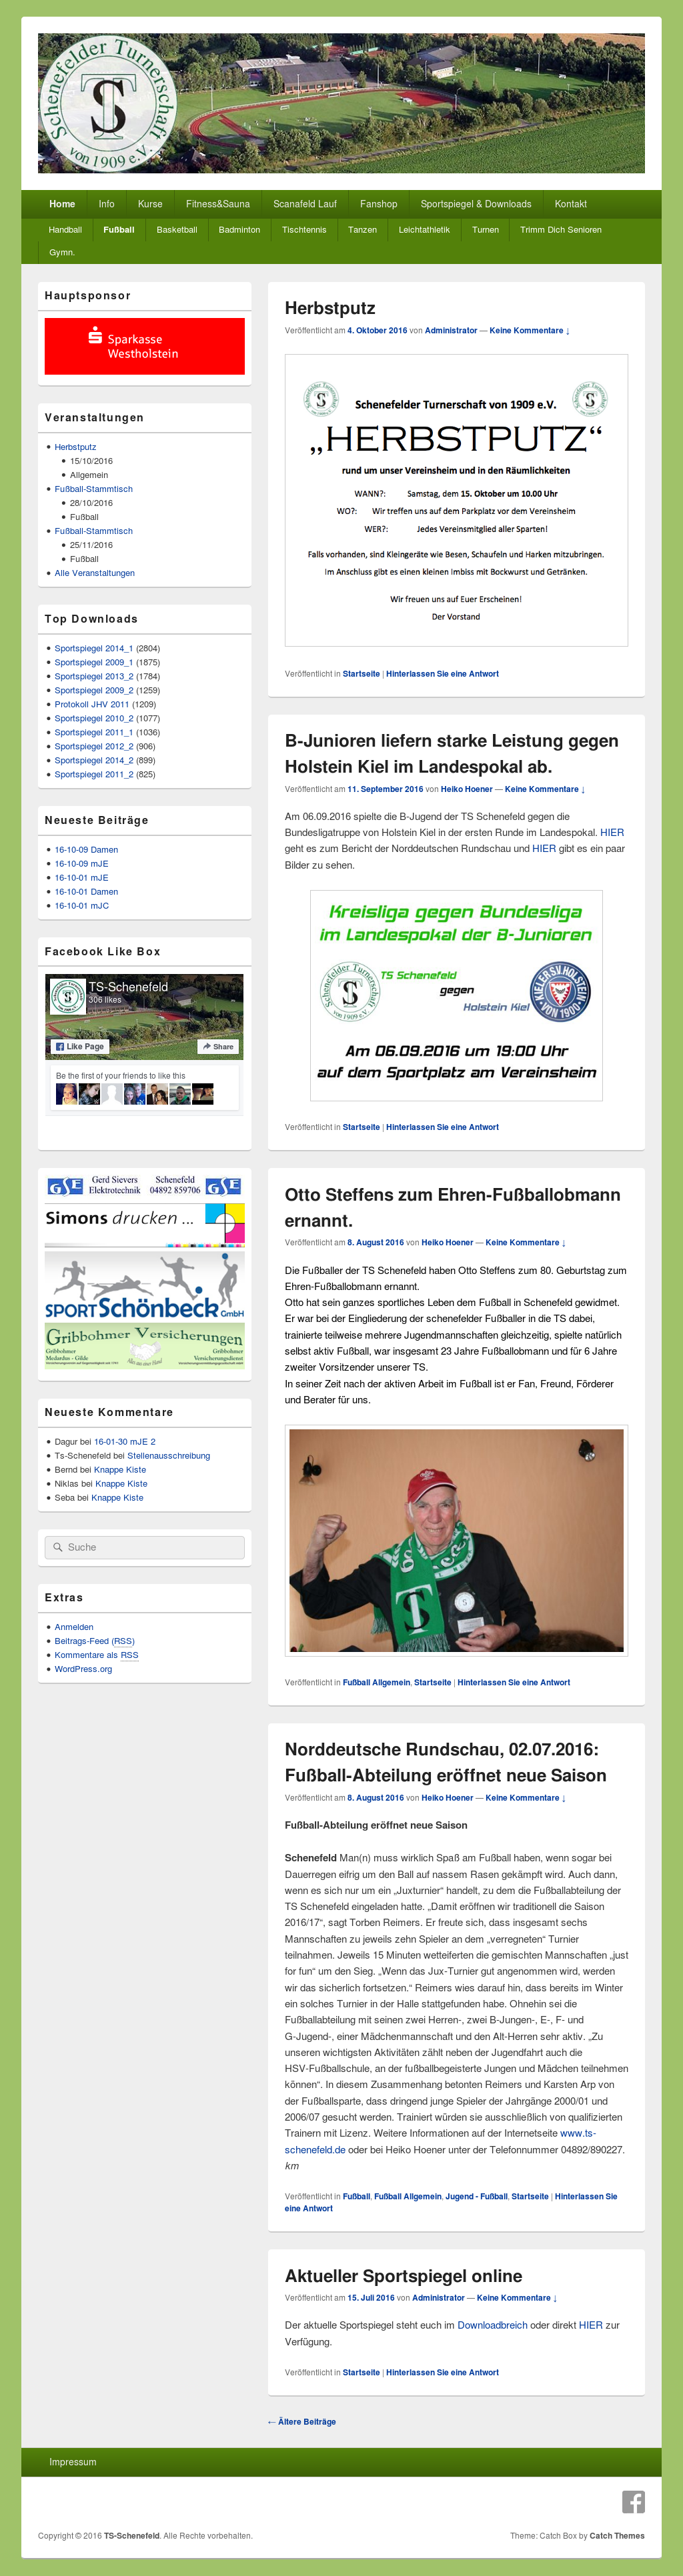 Sportzeit online dating